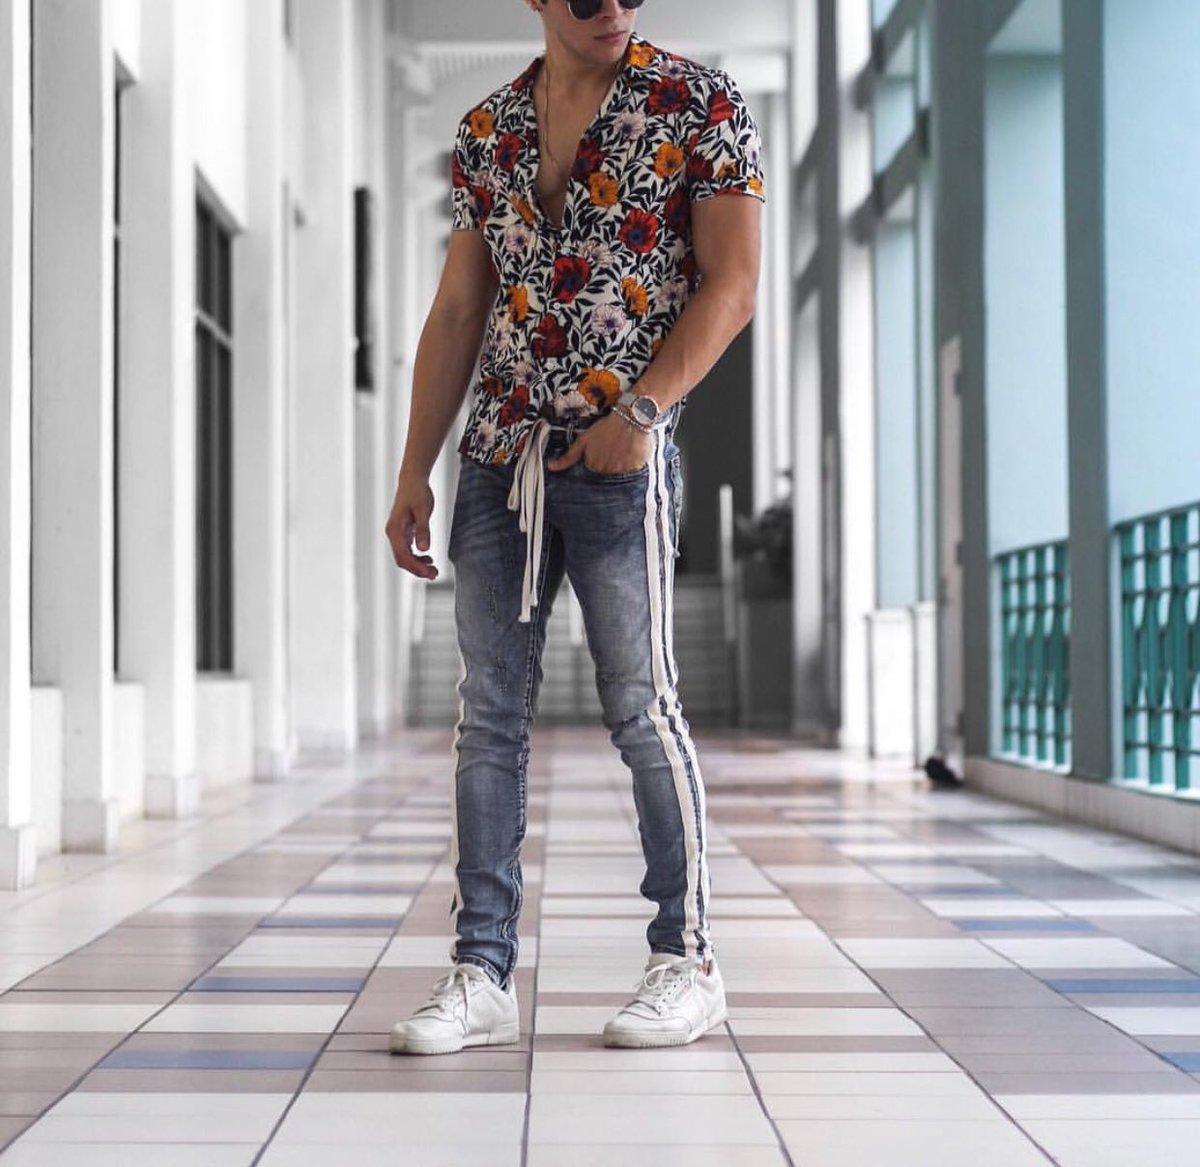 yeezy calabasas outfit